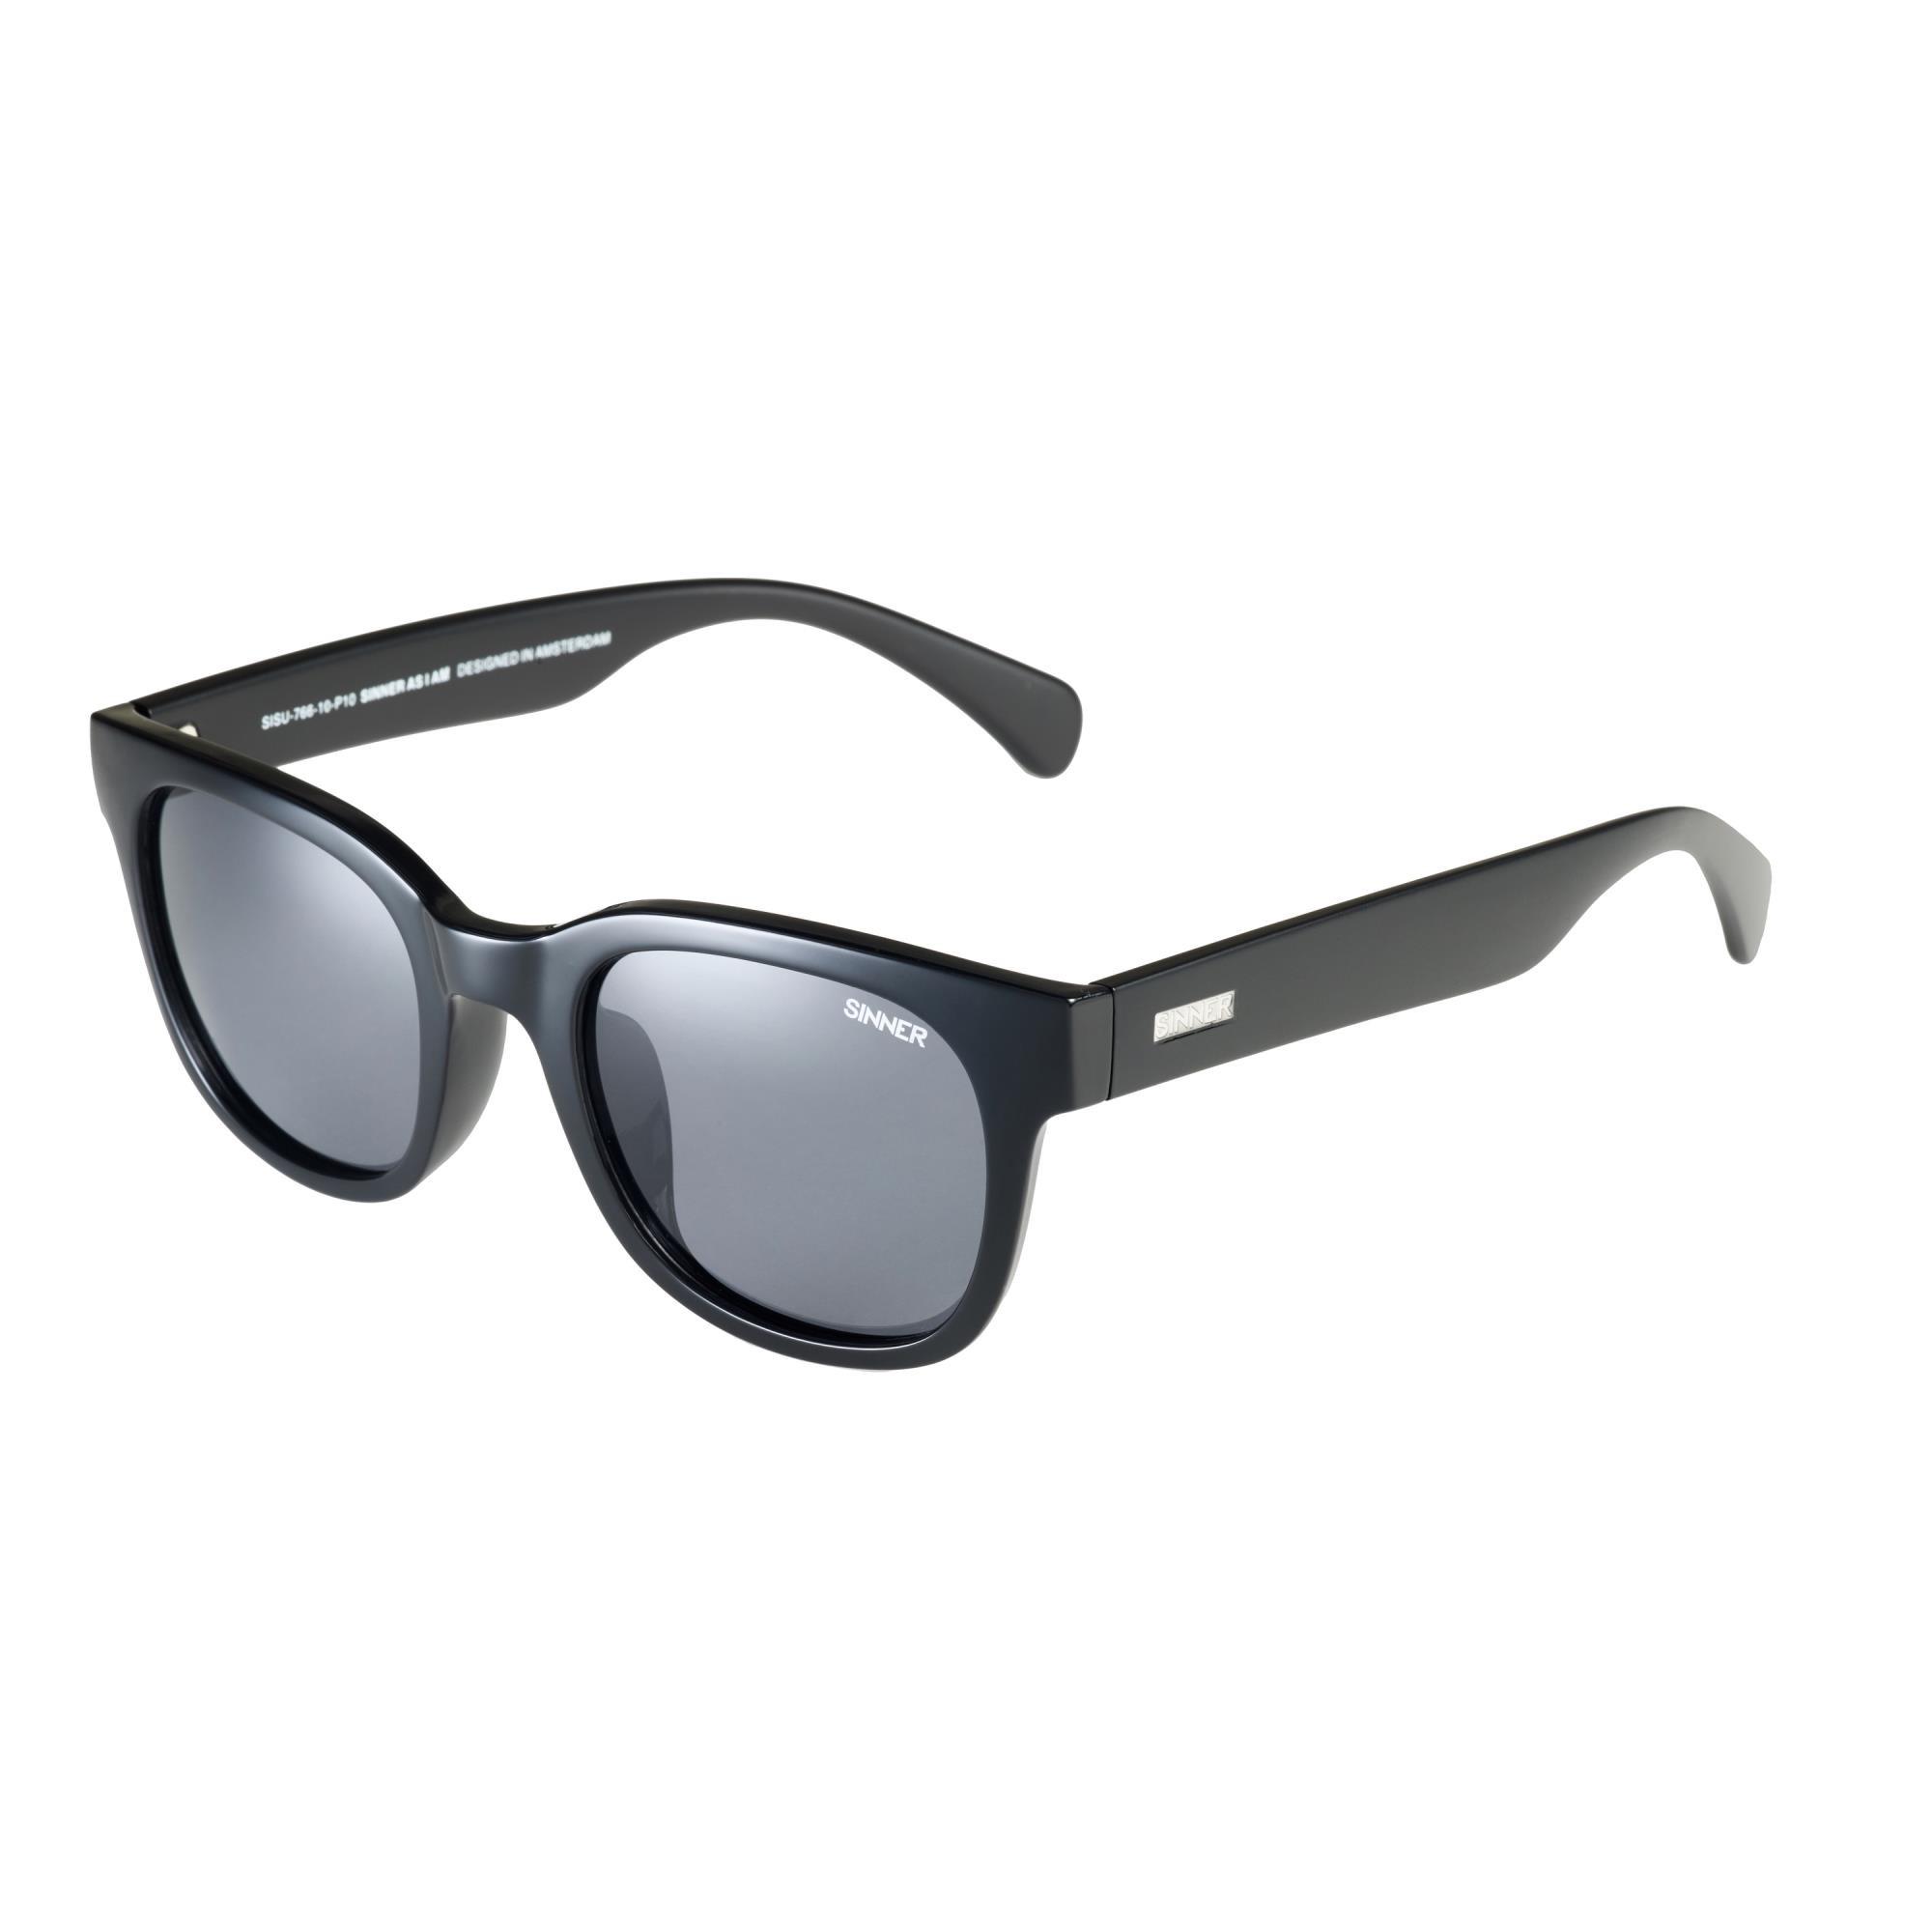 Sinner Bromley Cx Eco-vriendelijke Zonnebril - Zwart